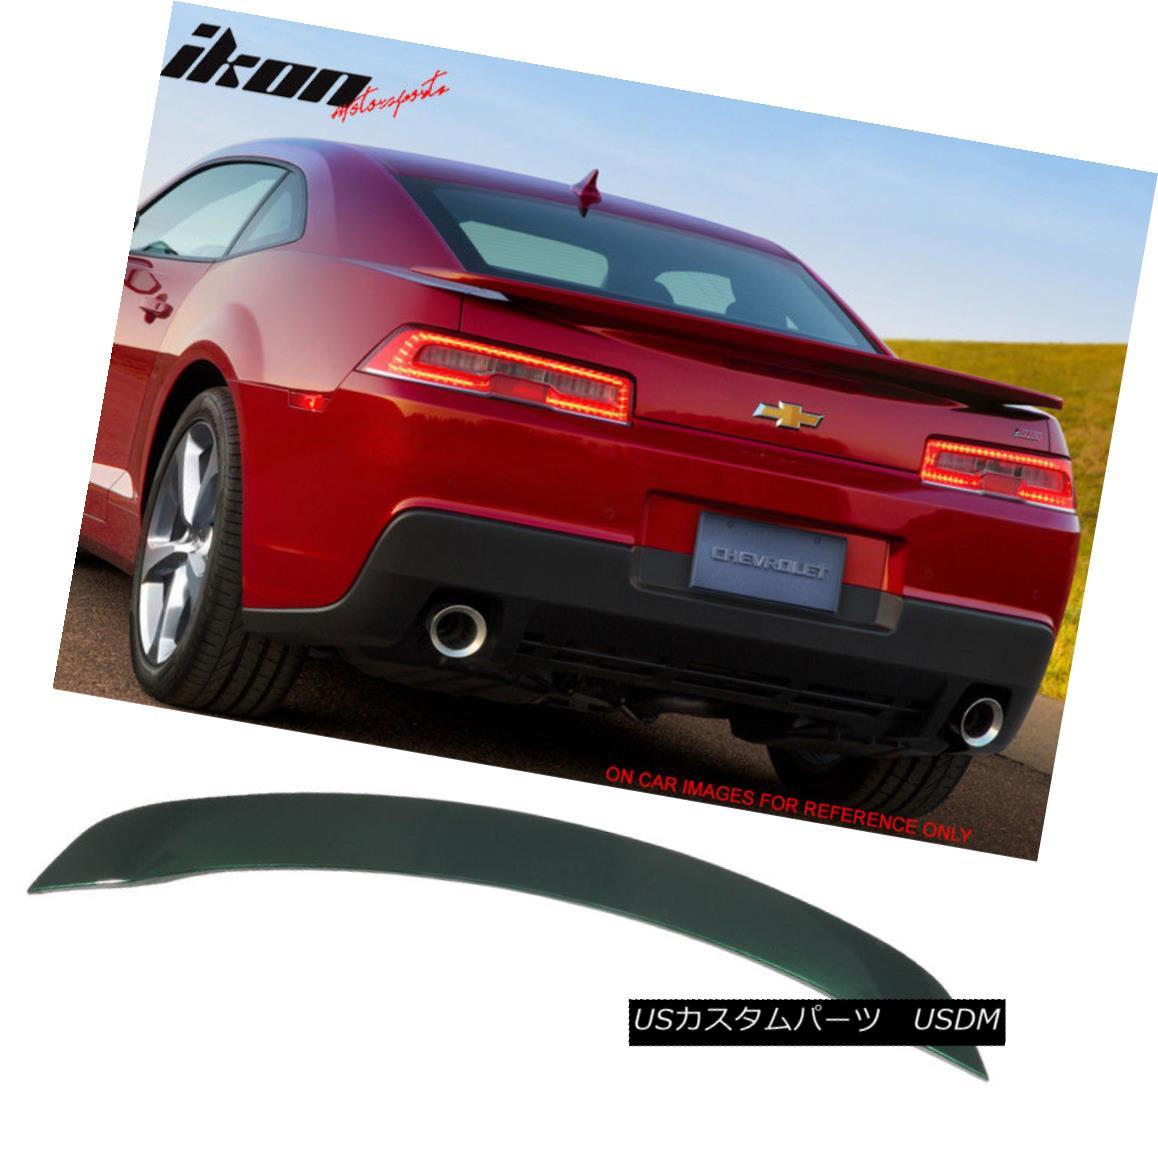 エアロパーツ Fits 14-15 Chevy Camaro OE Trunk Spoiler Painted WA136X Unripened Green Metallic フィット14-15シボレーカマロOEトランク・スポイラーWA136X未塗装グリーンメタリック